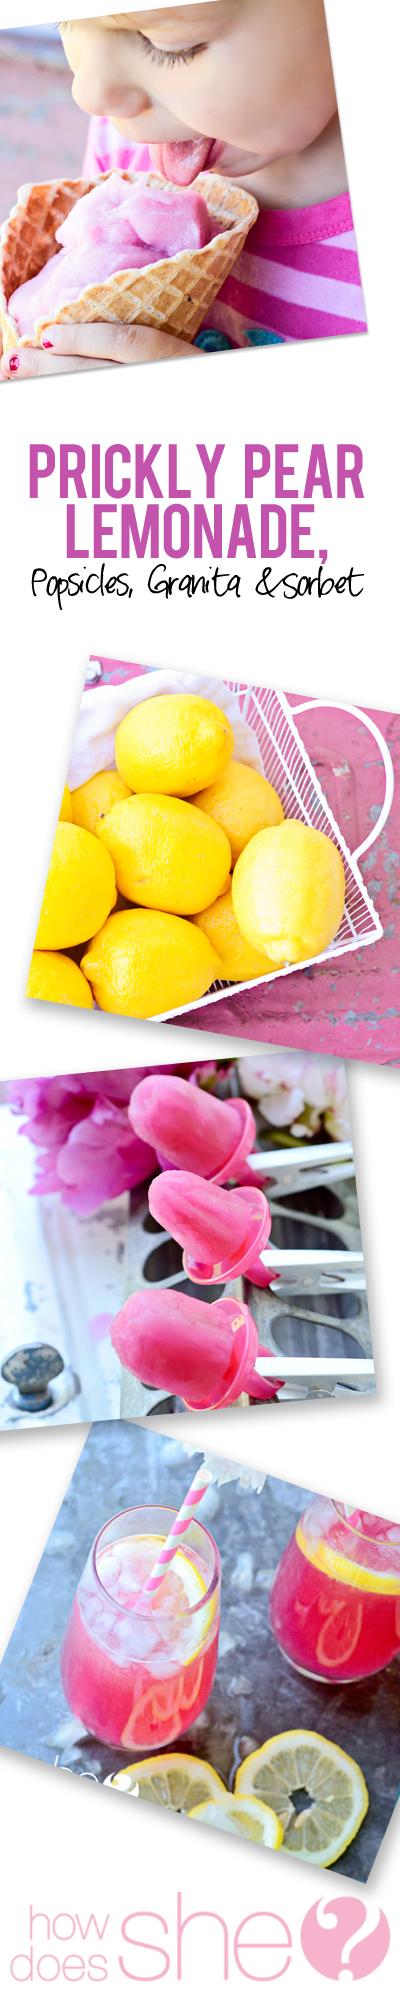 Prickly Pear Lemonade, Popsicles, Granita and Sorbet